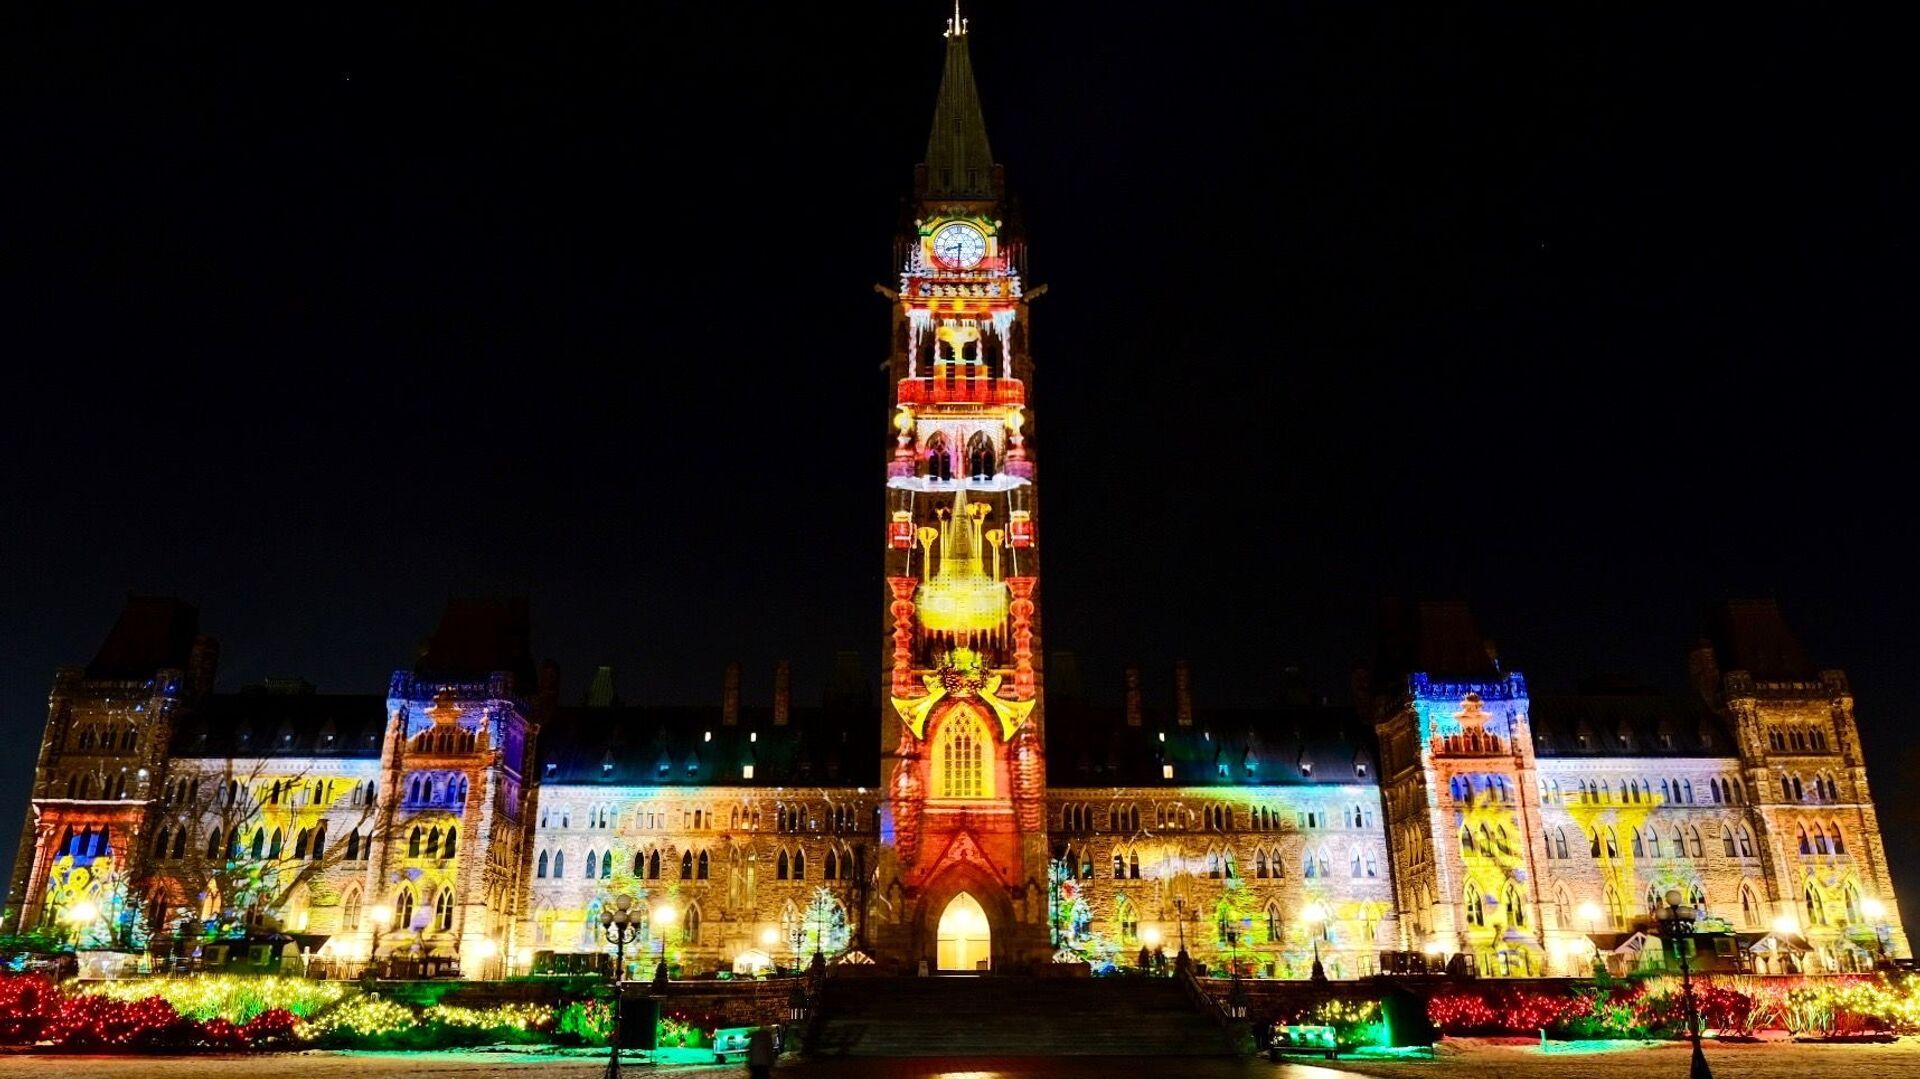 Столица Канады Оттава - РИА Новости, 1920, 08.02.2021